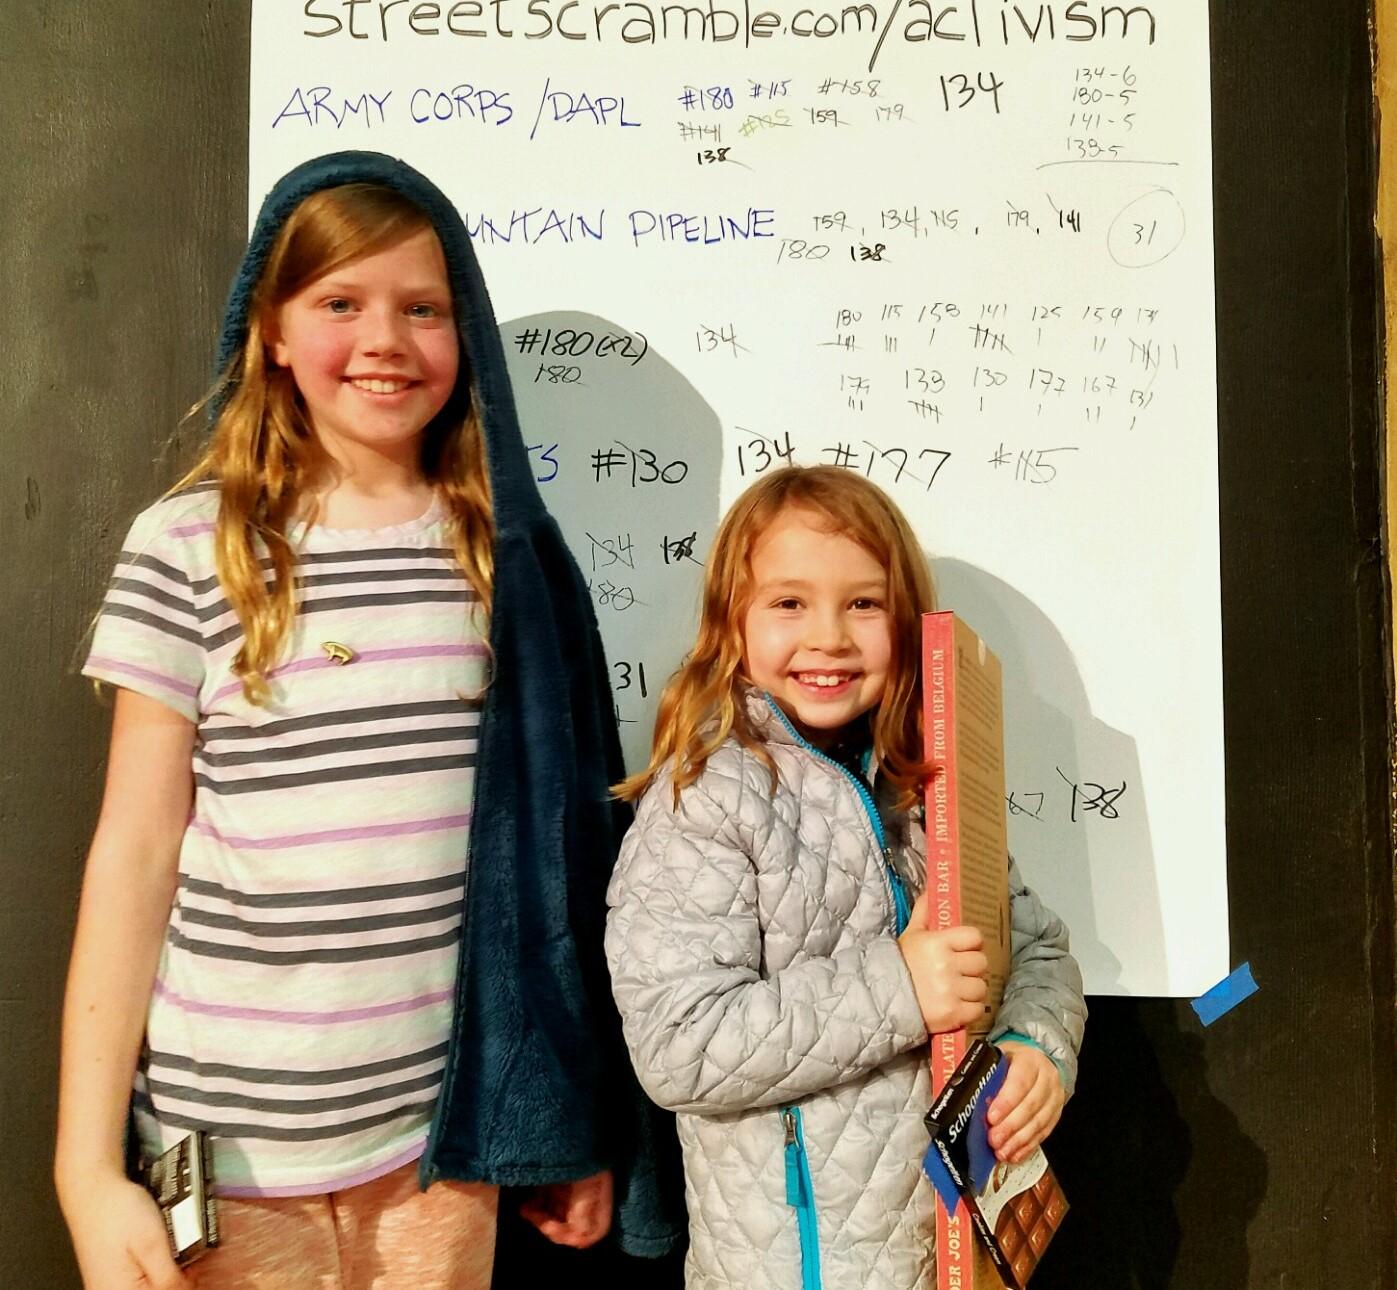 Street Scramble Activism